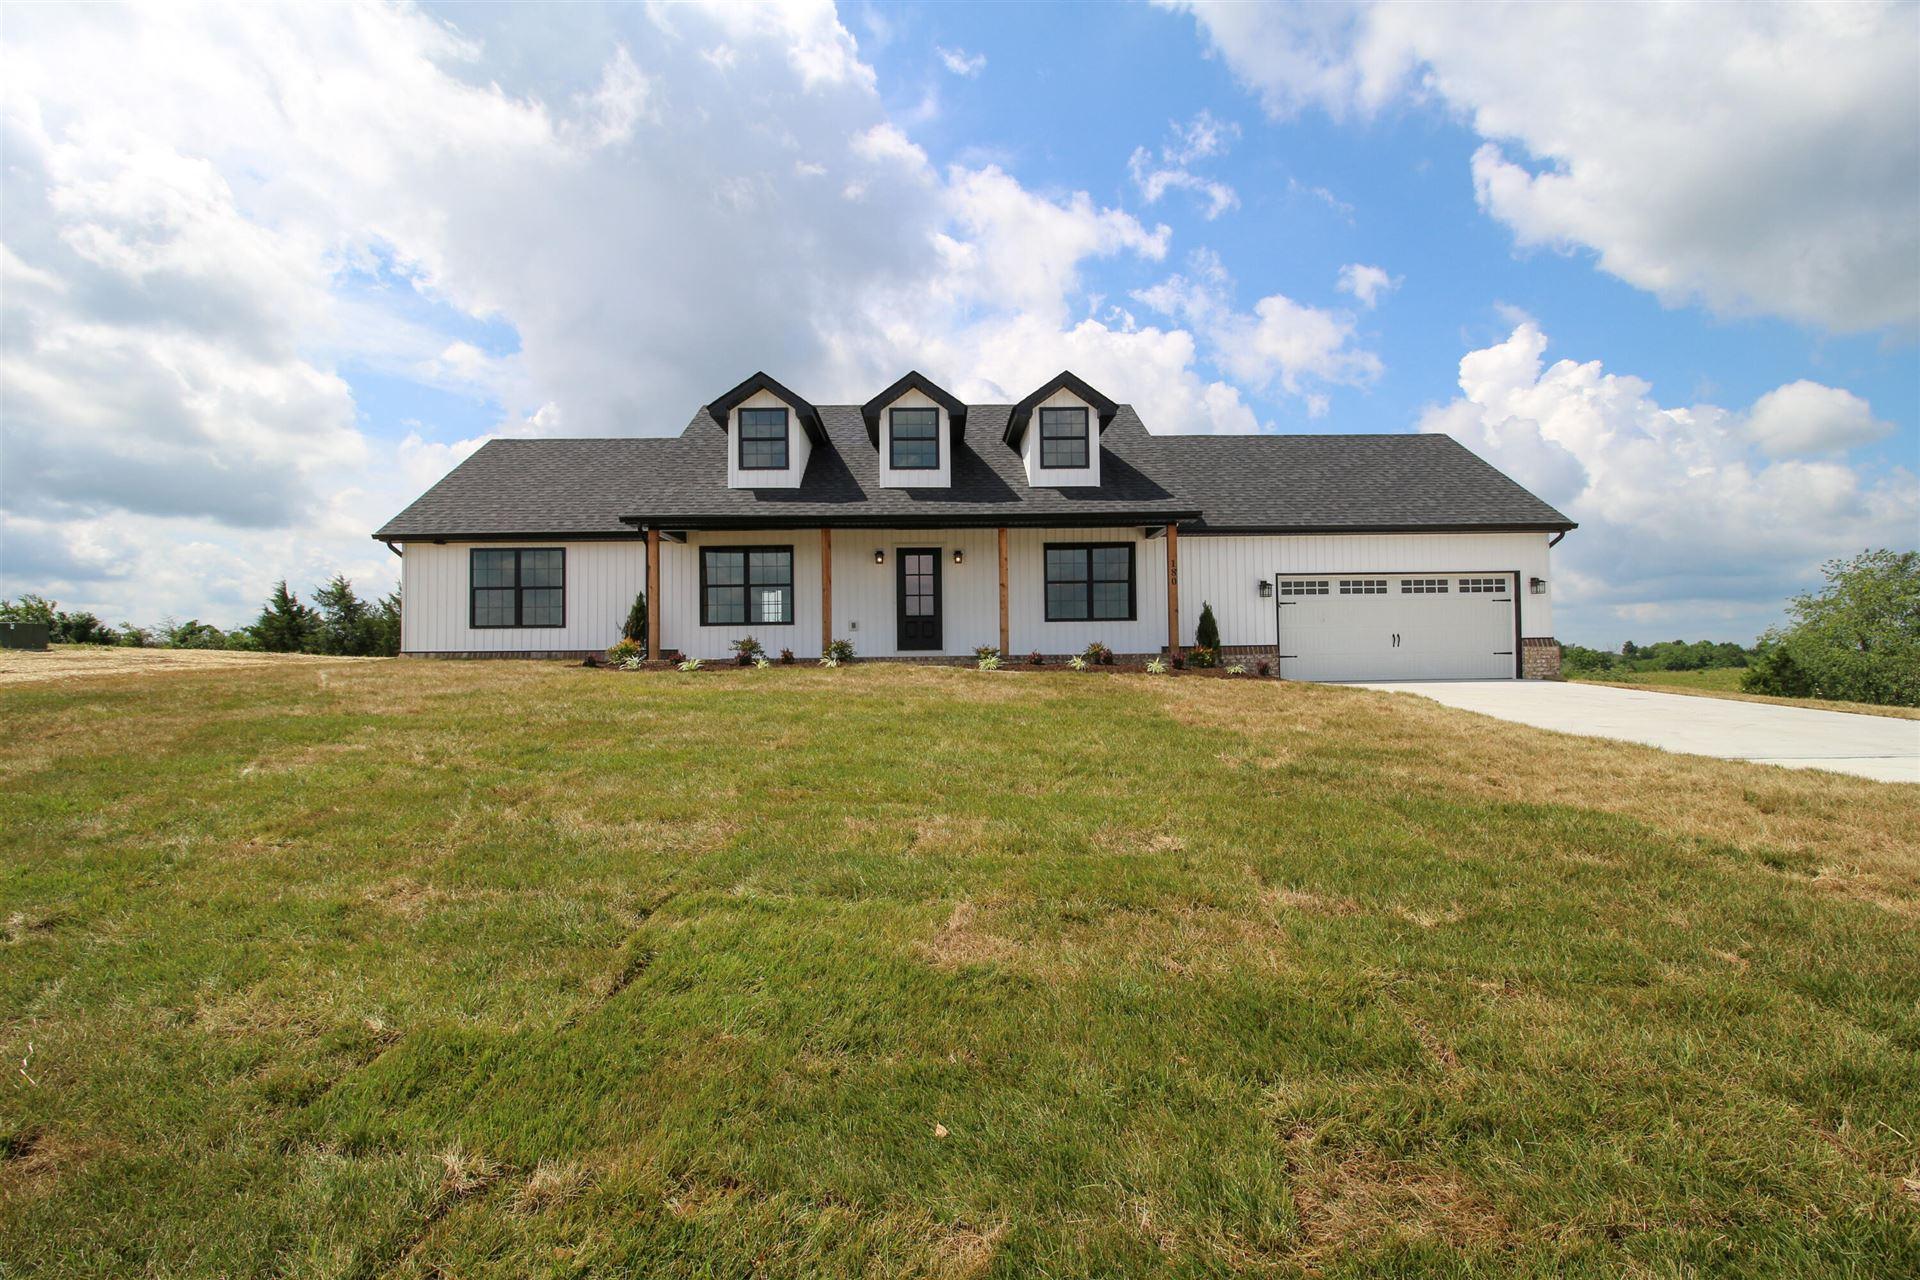 544 Gilbert, Richmond, KY 40475 - MLS#: 20110541